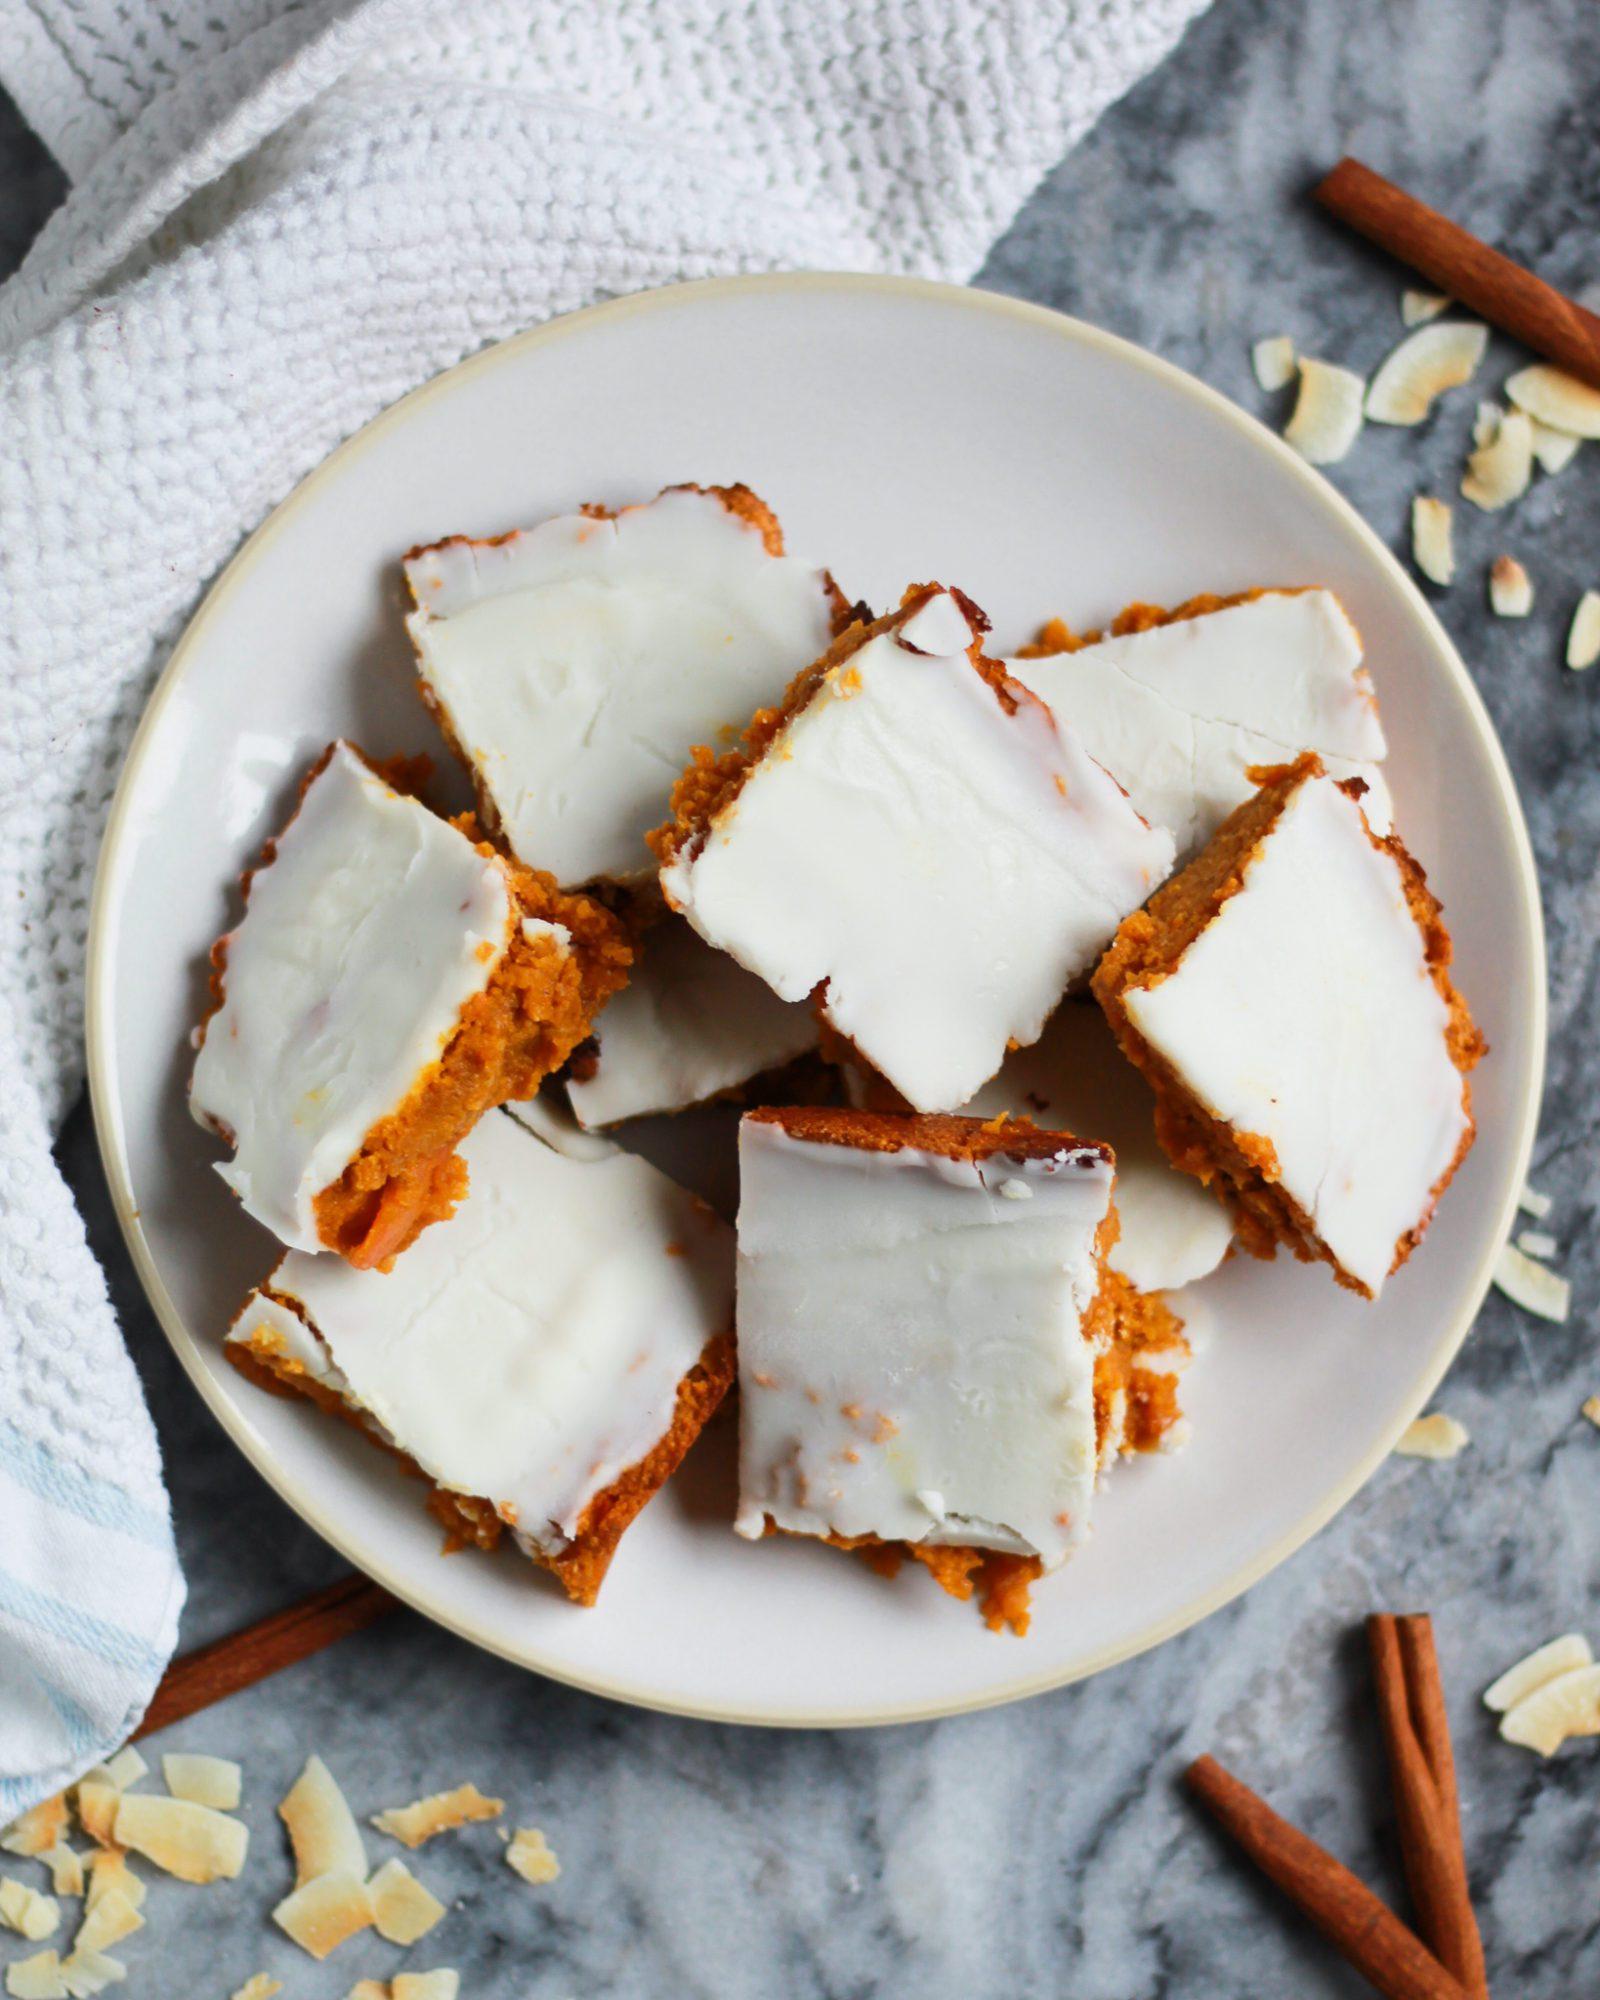 plate of paleo vegan carrot cake bars